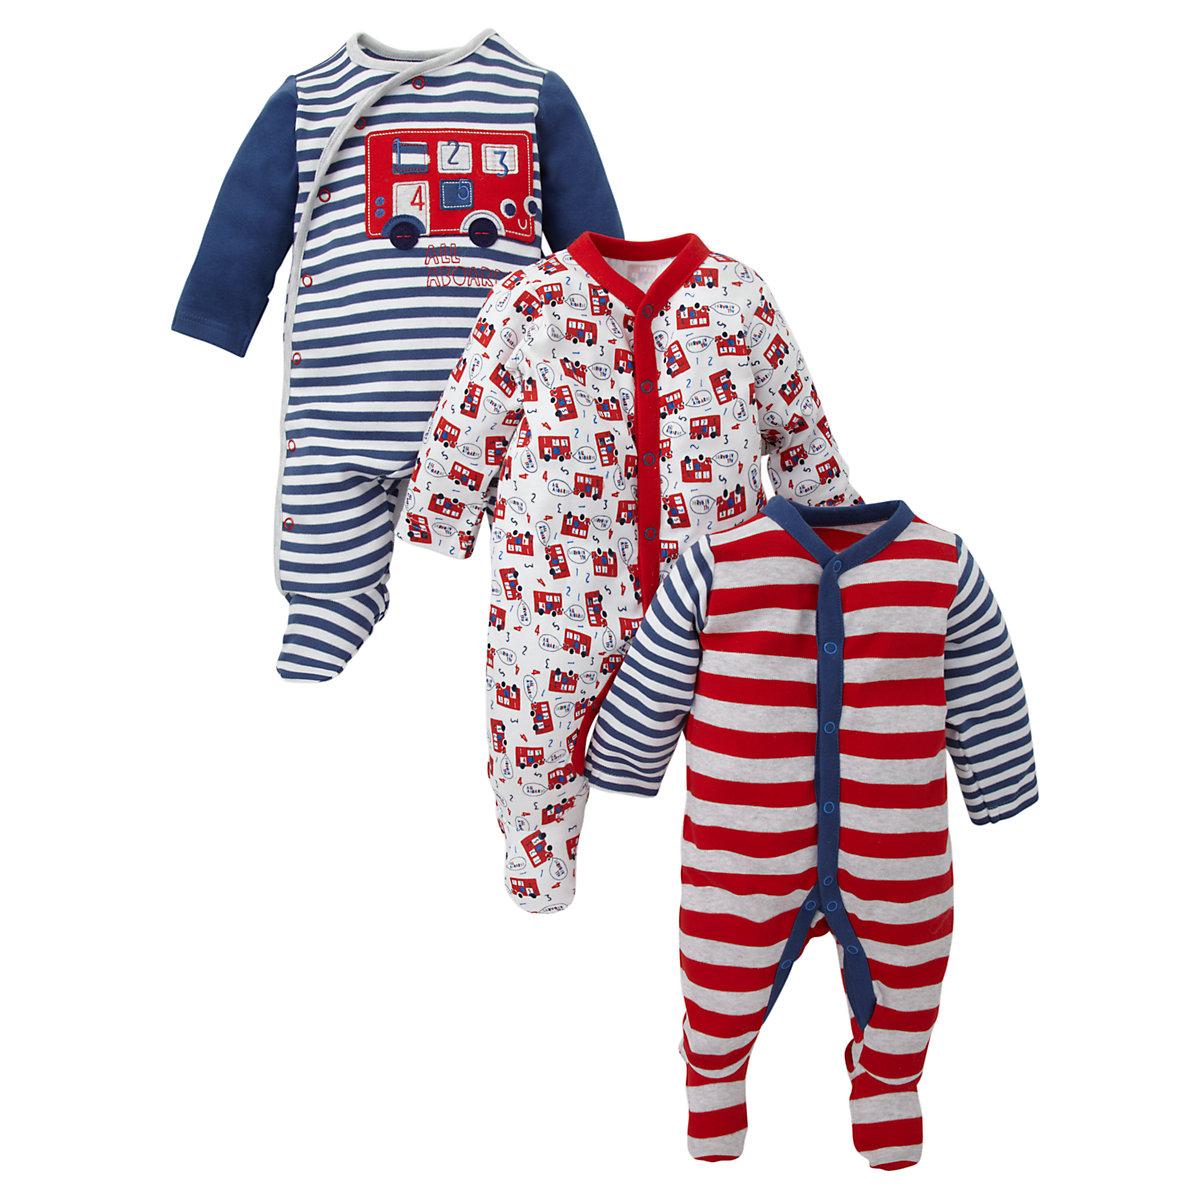 B Newborns Bus Sleepsuits - 3 Pack Size 2-3 years